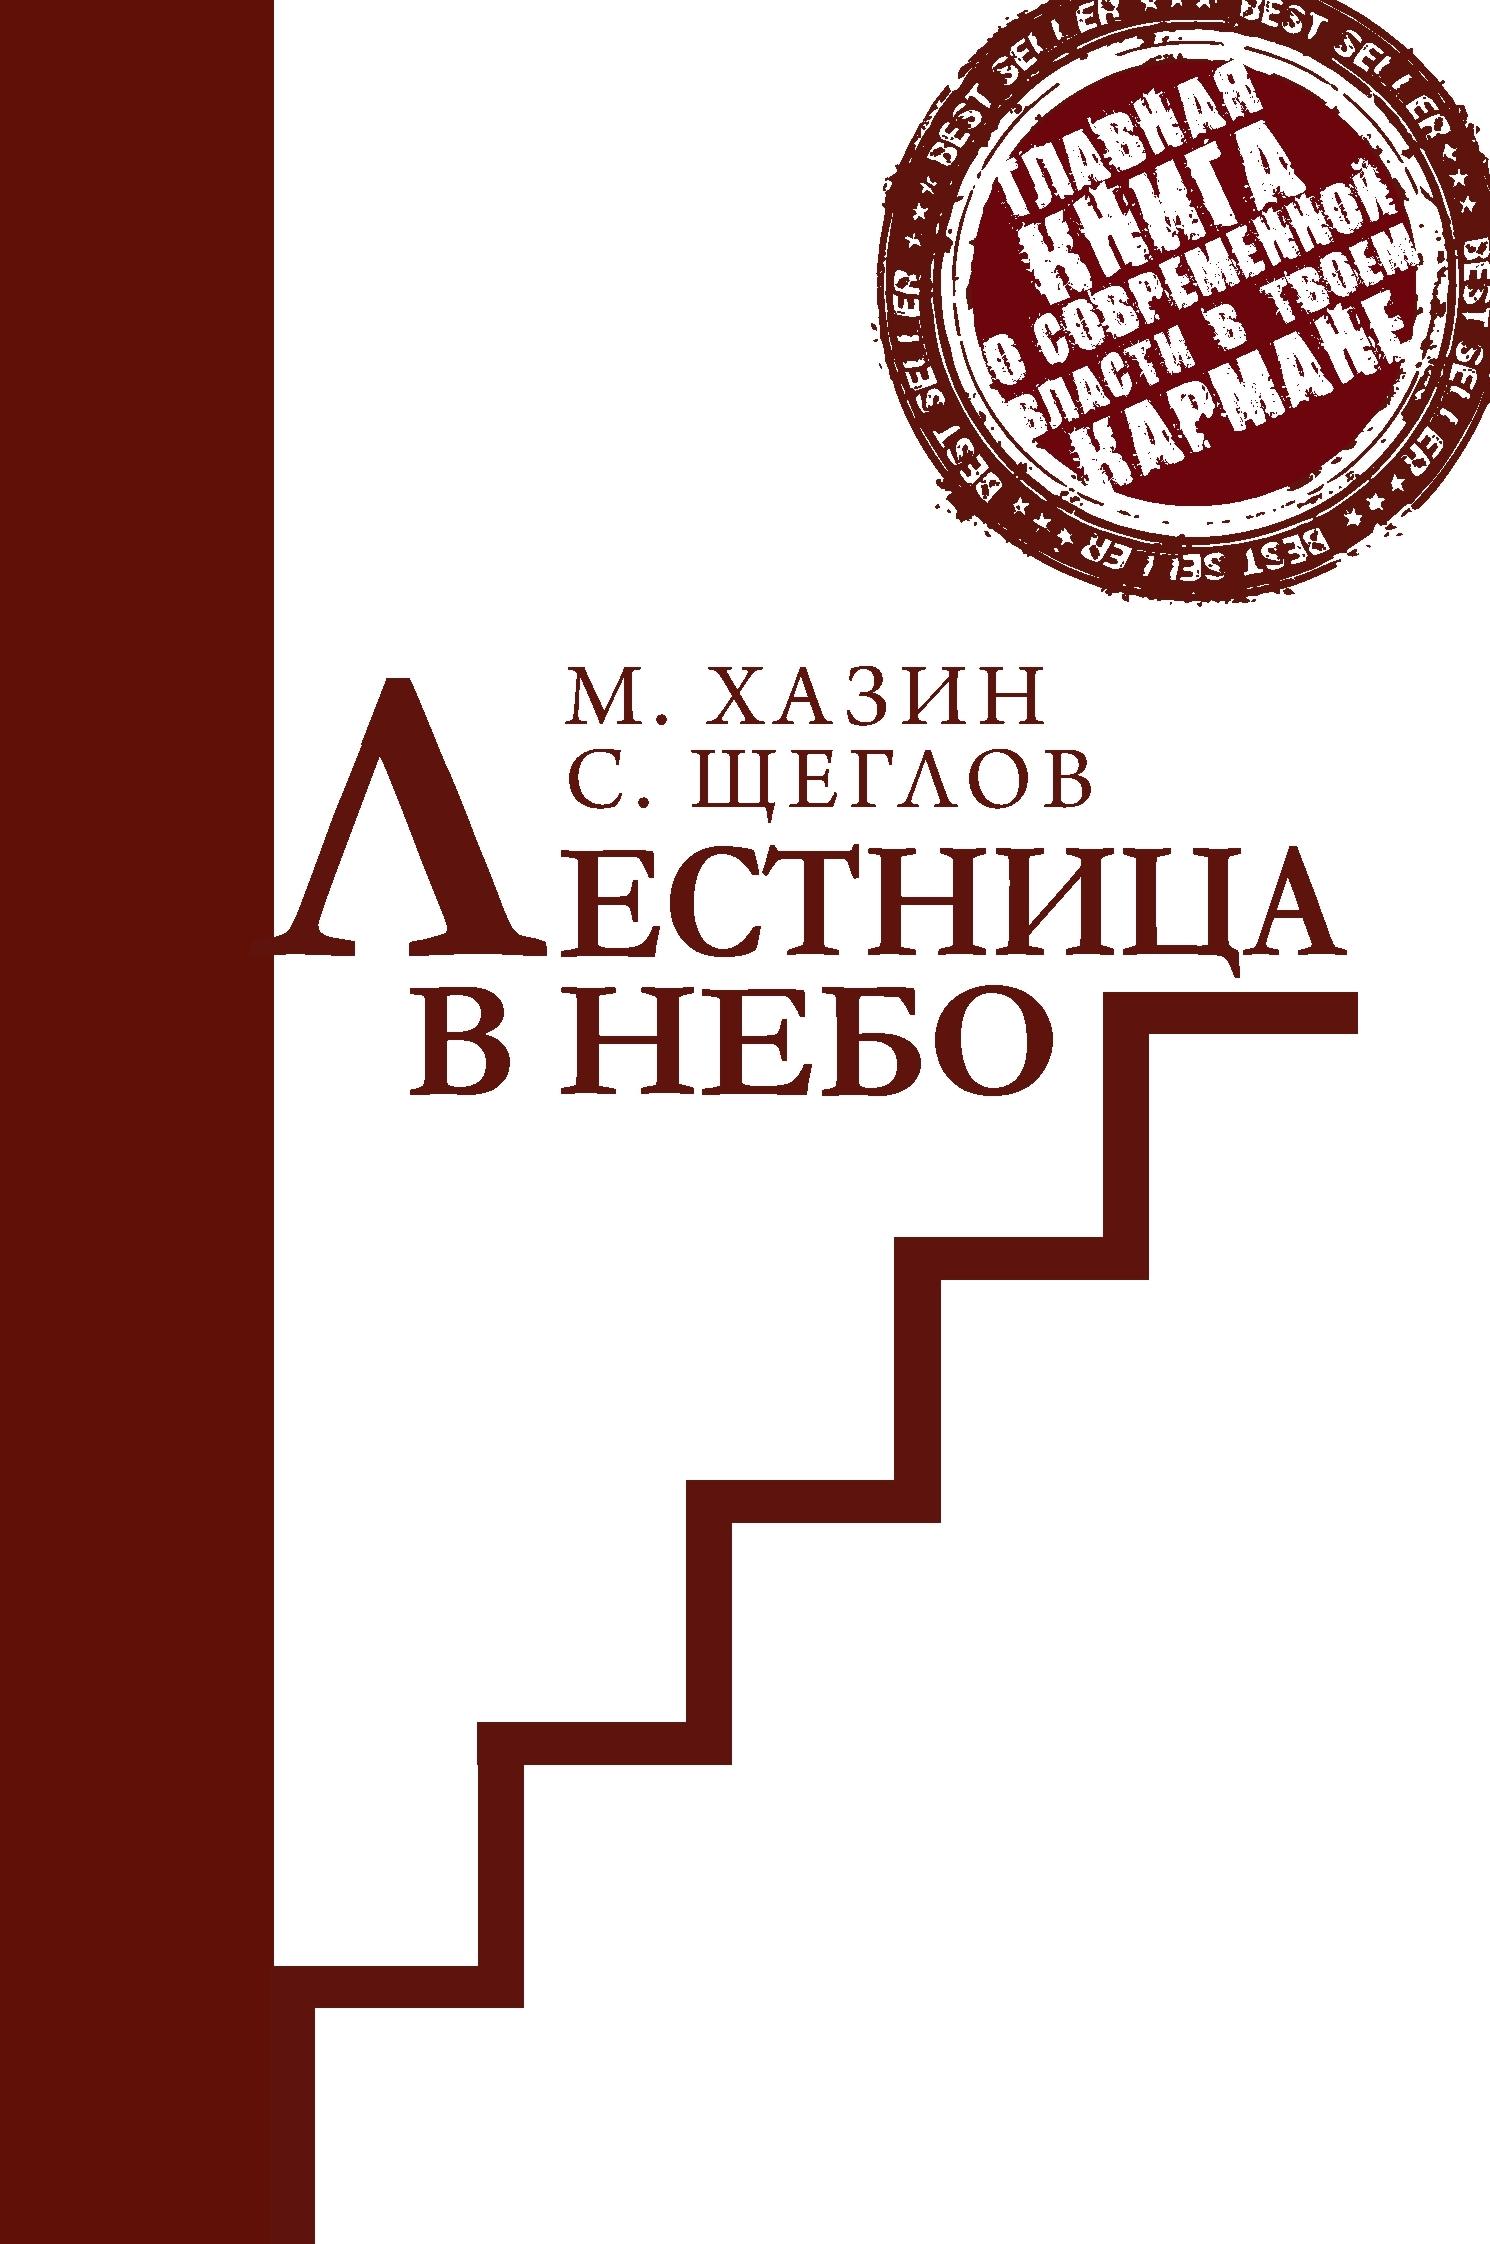 Сергей Щеглов Лестница в небо. Краткая версия хазин м л лестница в небо краткая версия